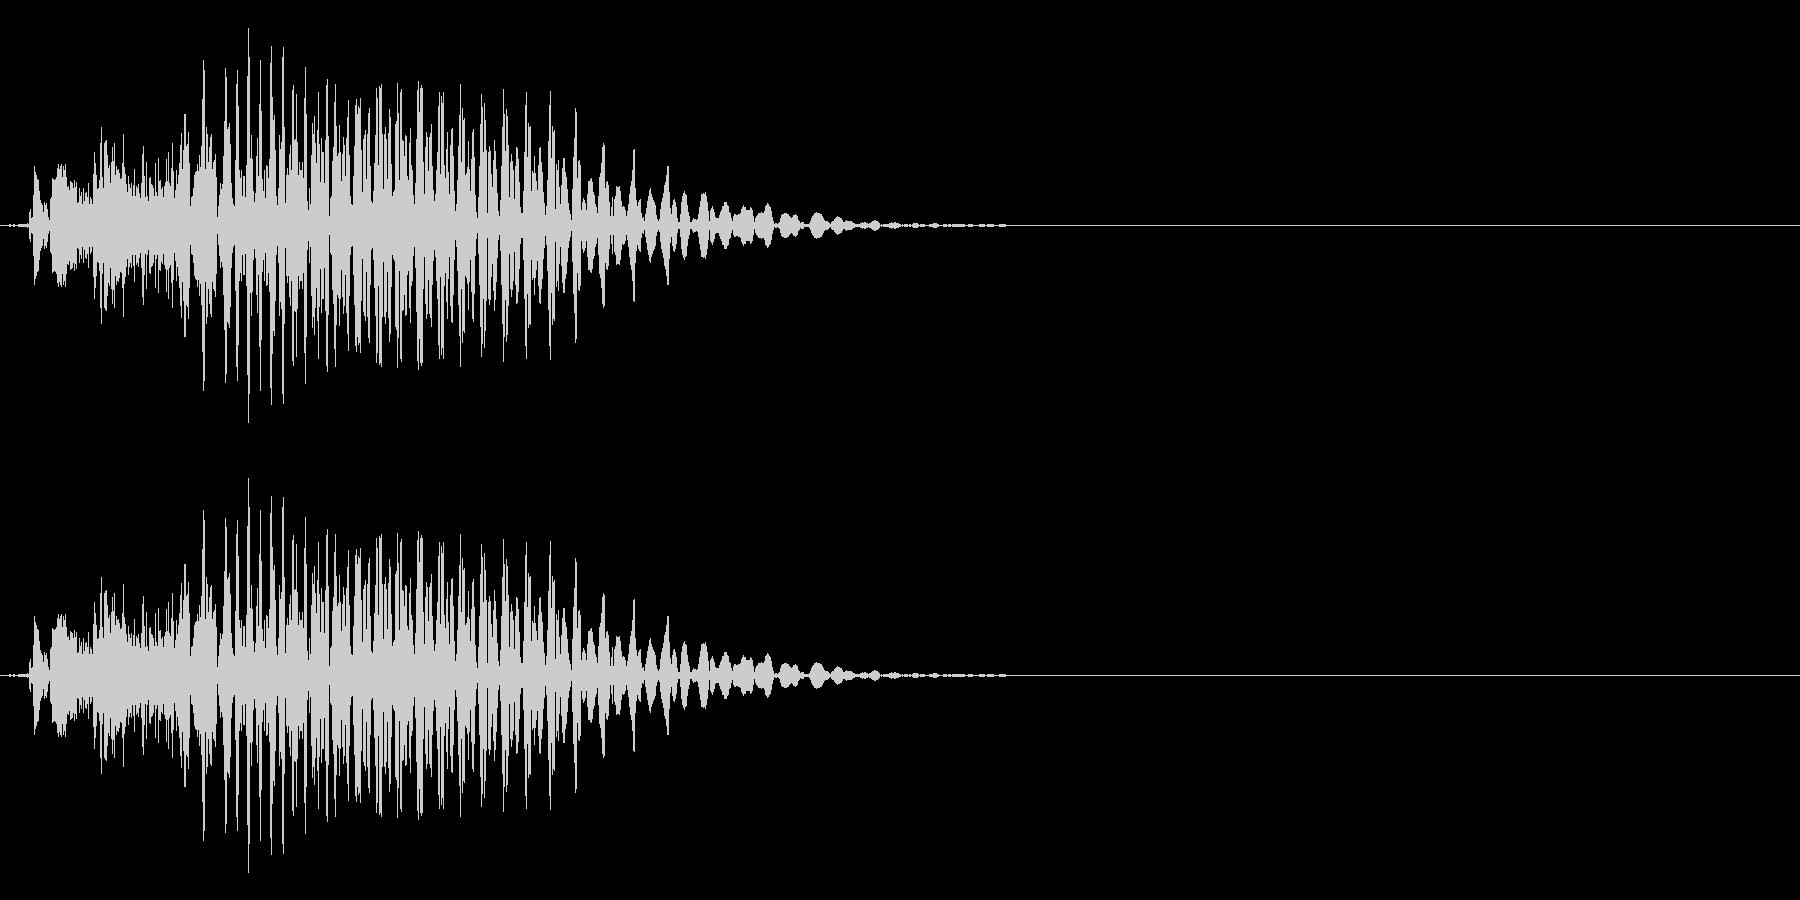 「ポン」 麻雀ゲームのシステムボイスにの未再生の波形